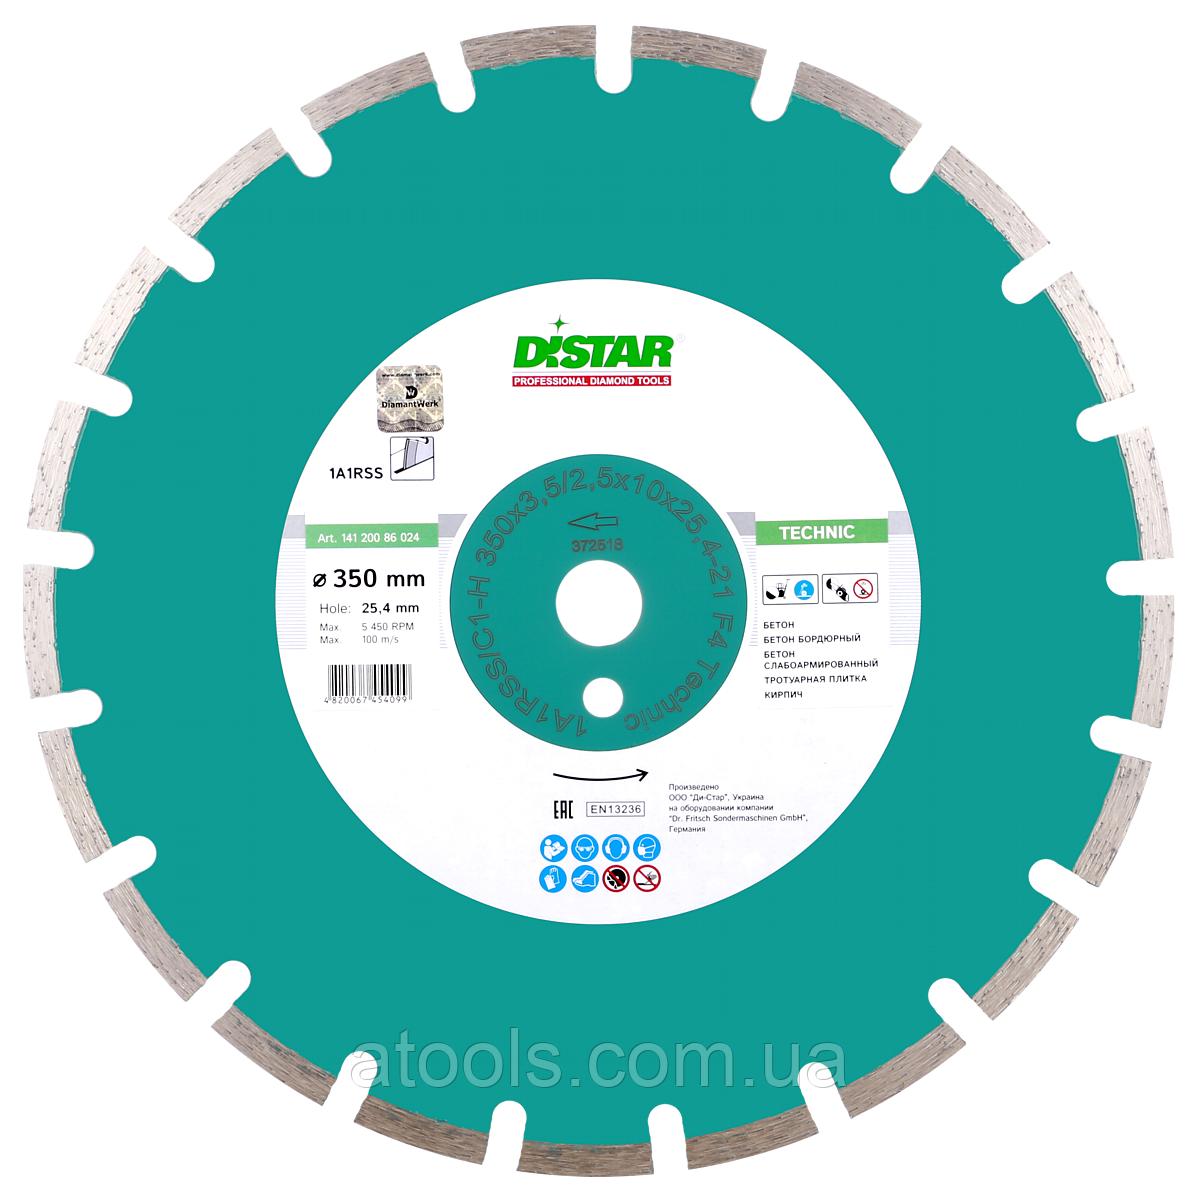 Алмазный отрезной диск Distar 1A1RSS/C1 400x3.8/2.8x10x25.4-11.5-24-HIT Technic (14120086026)